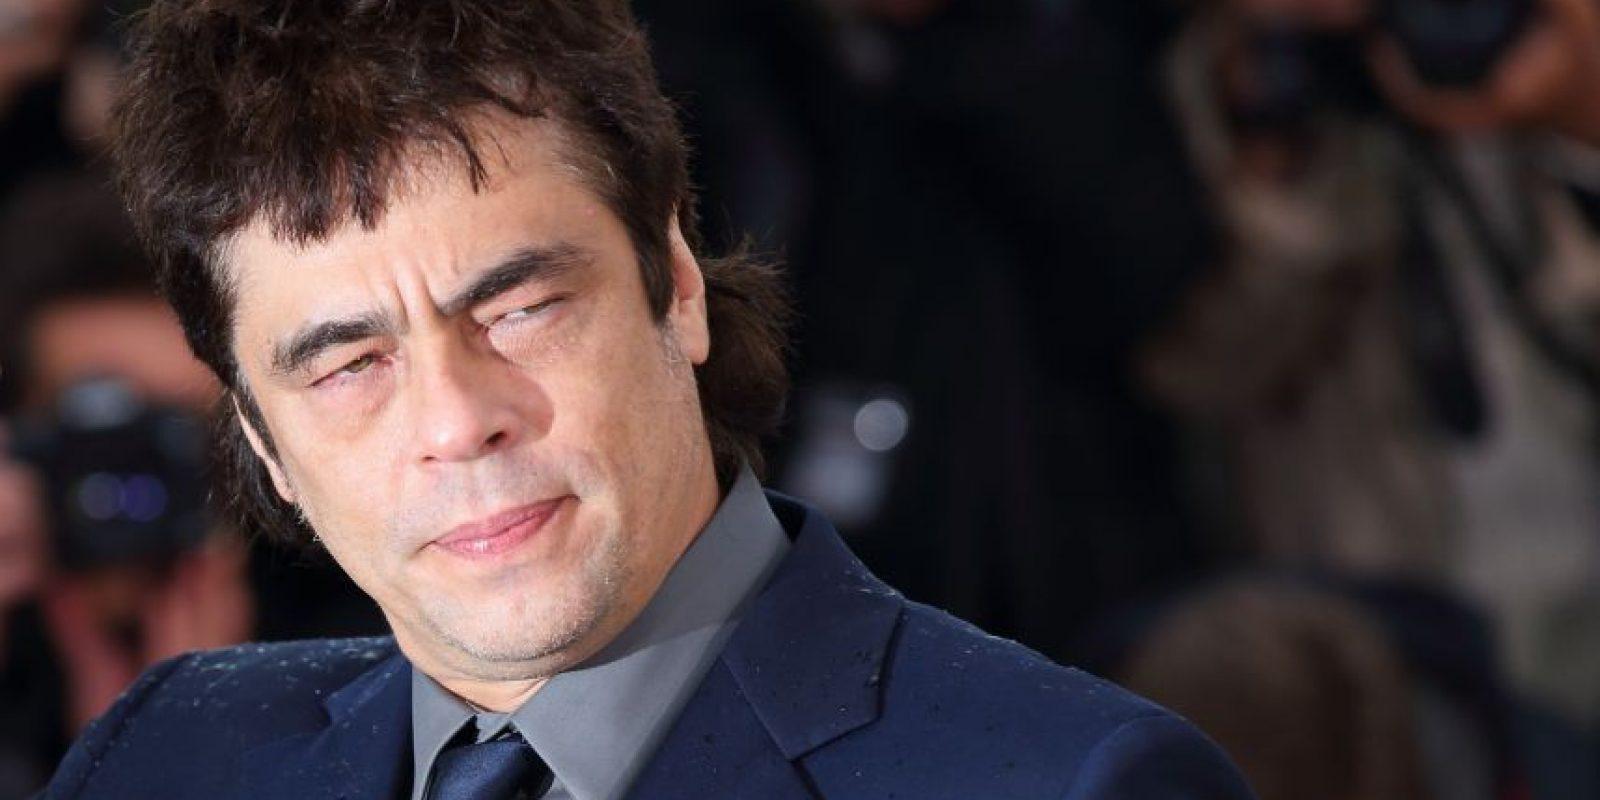 Benicio del Toro es uno de los mayores talentos de Hollywood, y tuvo affaires con Scarlett Johansson y Kimberly Stewart. Foto: GettyImages